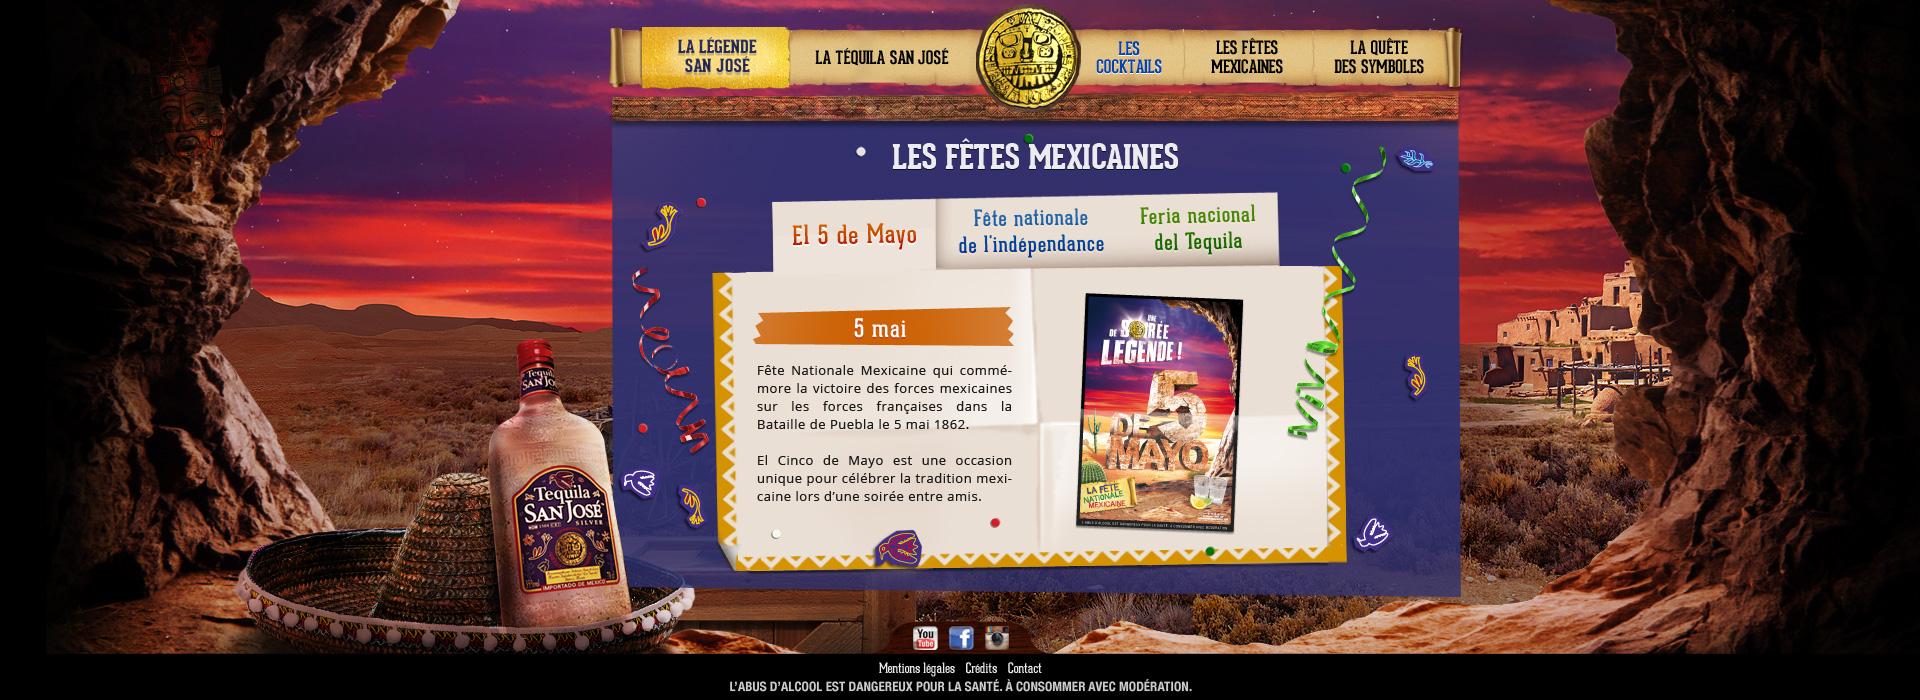 San Jose HTML5 website